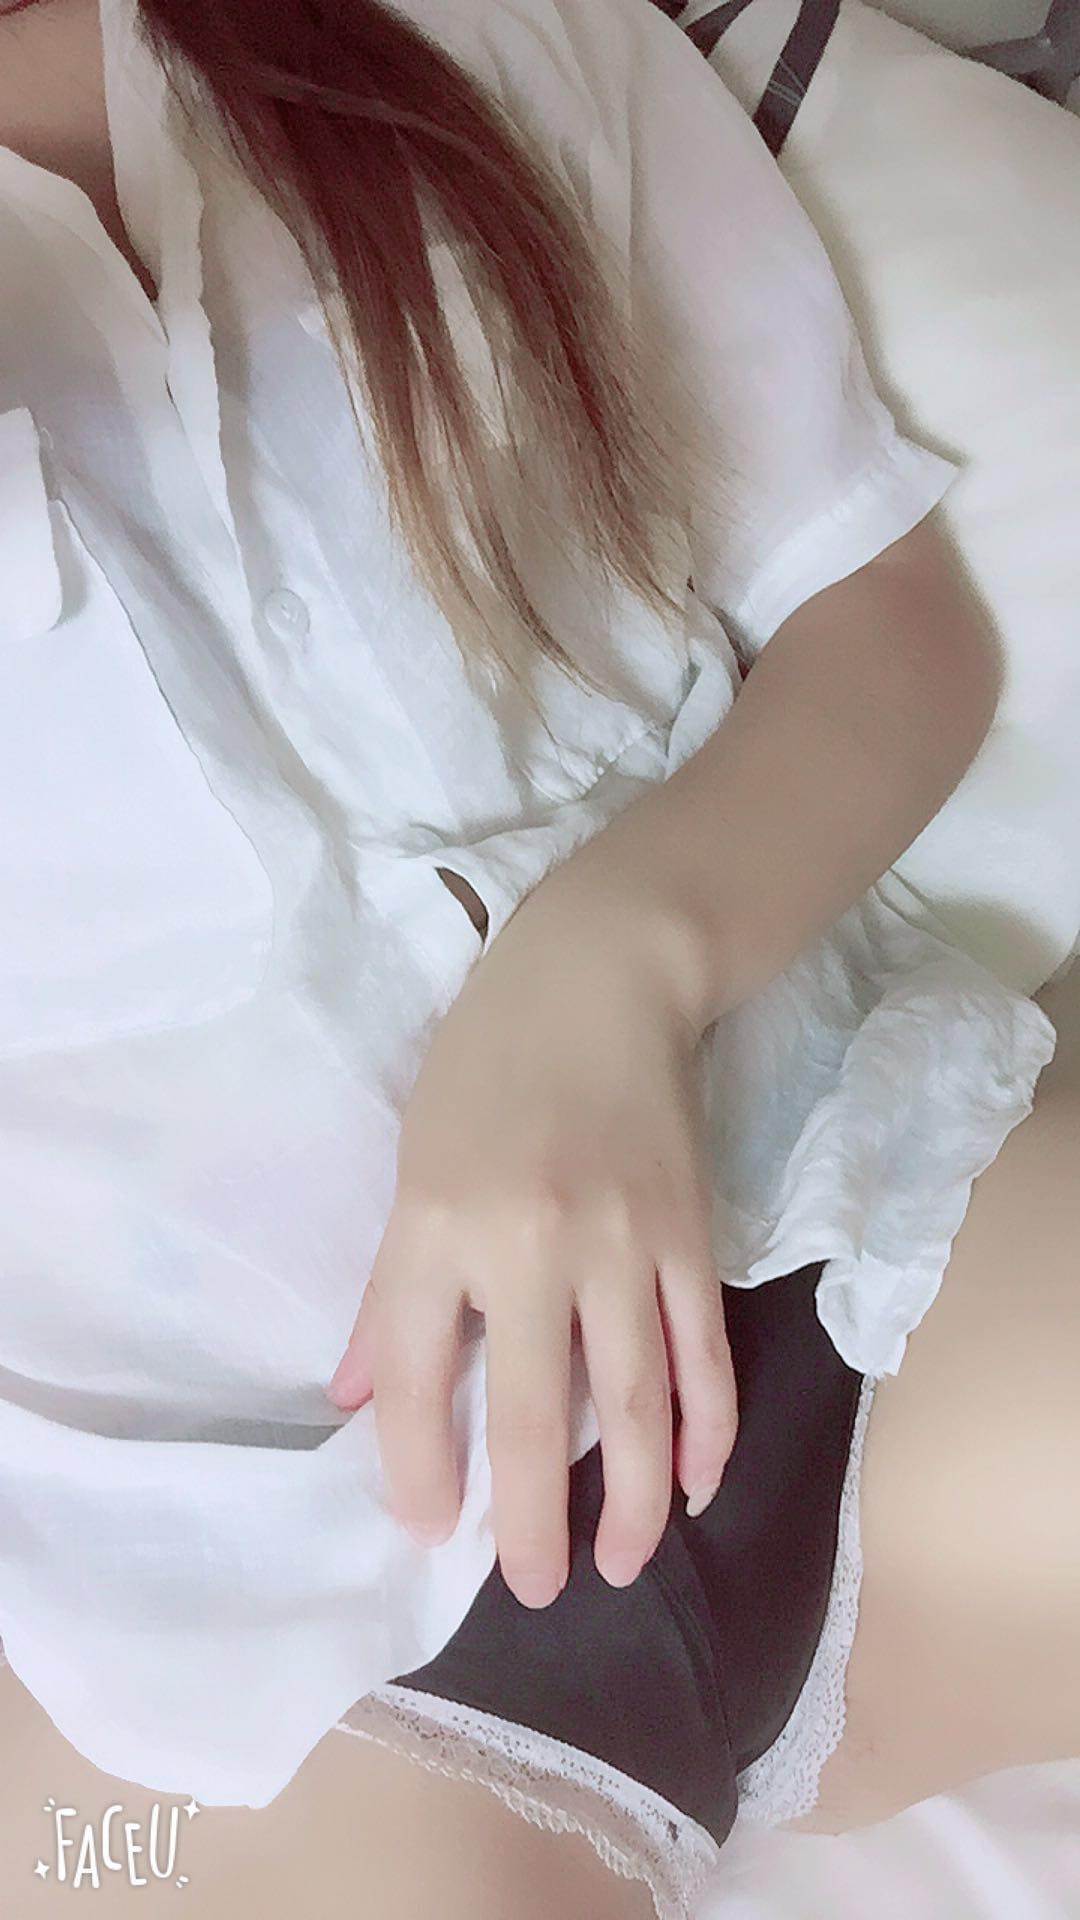 「今日の♪」10/21(土) 01:53 | ノエルの写メ・風俗動画